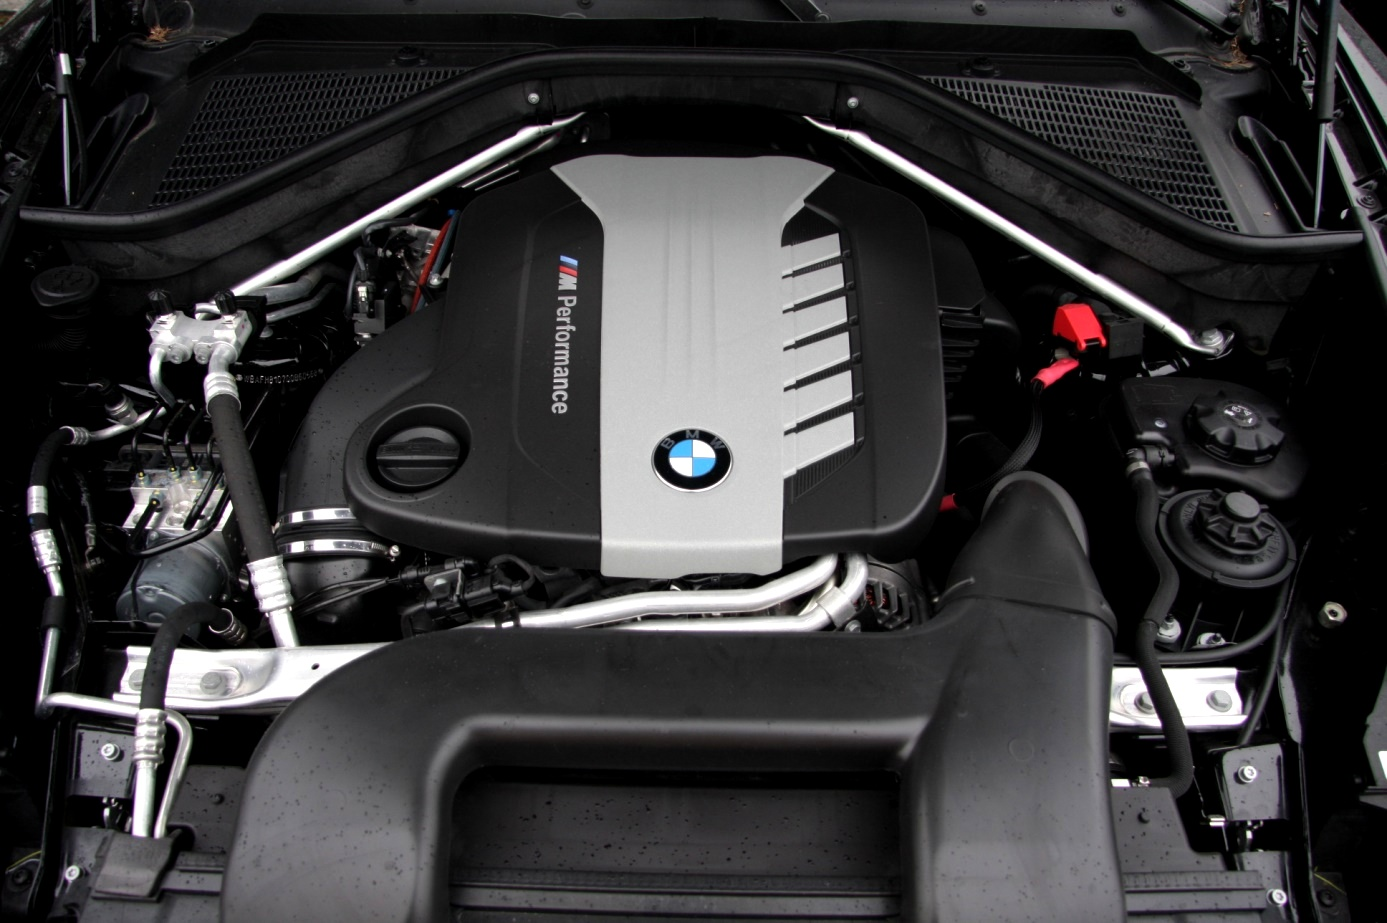 Nowoczesne silniki często przykryte są plastikową osłonką. Całe szczęście nie zmienia to gigantycznego momentu obrotowego, jakim to auto dysponuje.